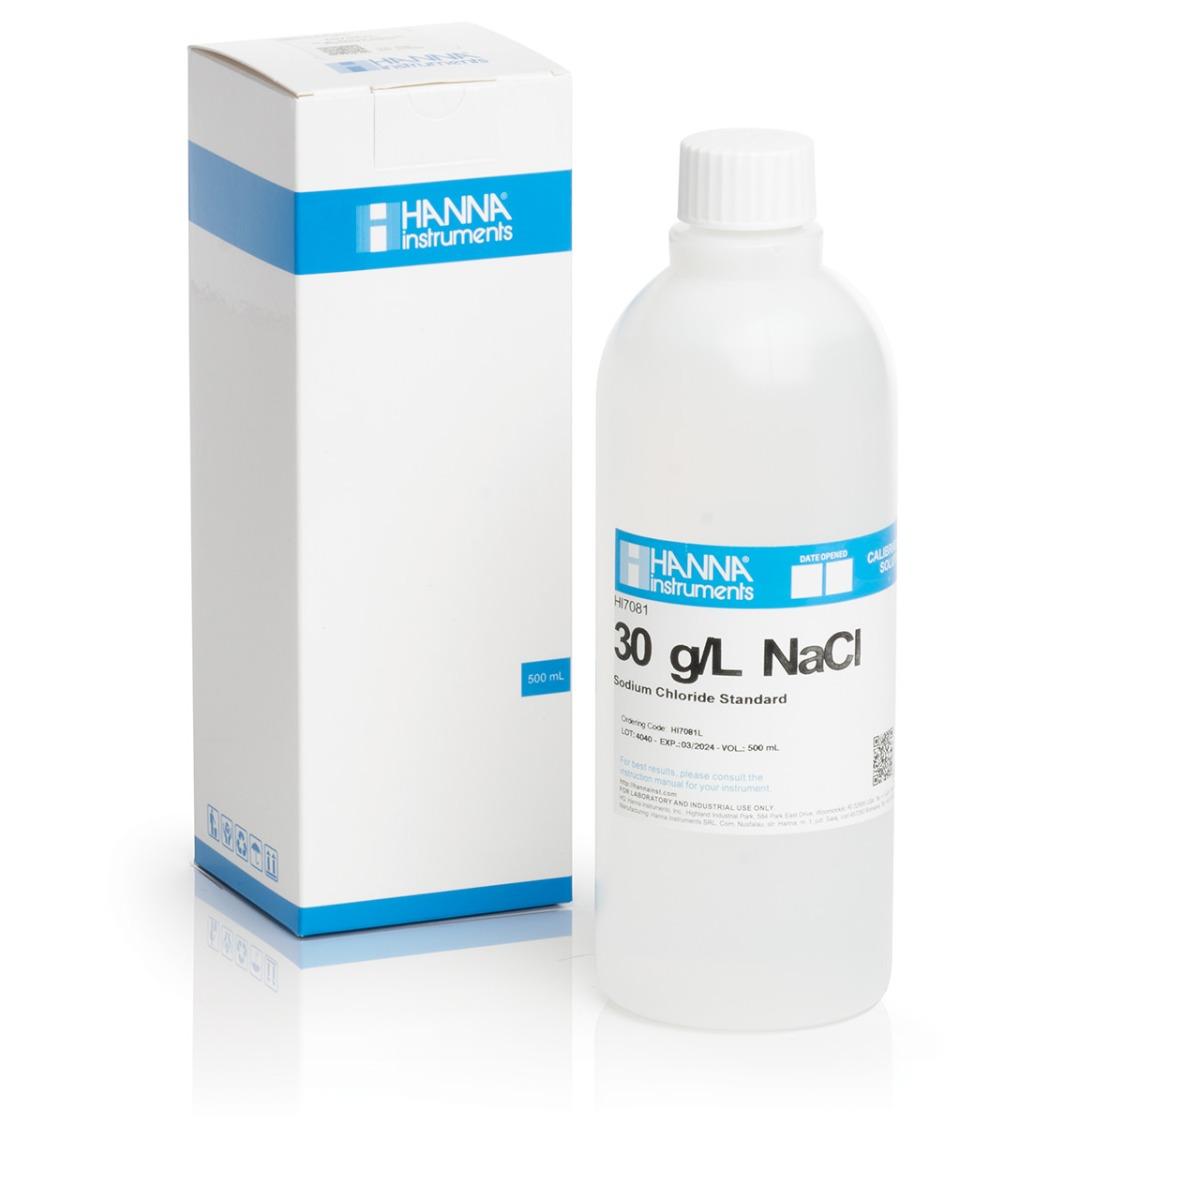 HI7081L 30 g/L NaCl Standard Solution (500 mL)